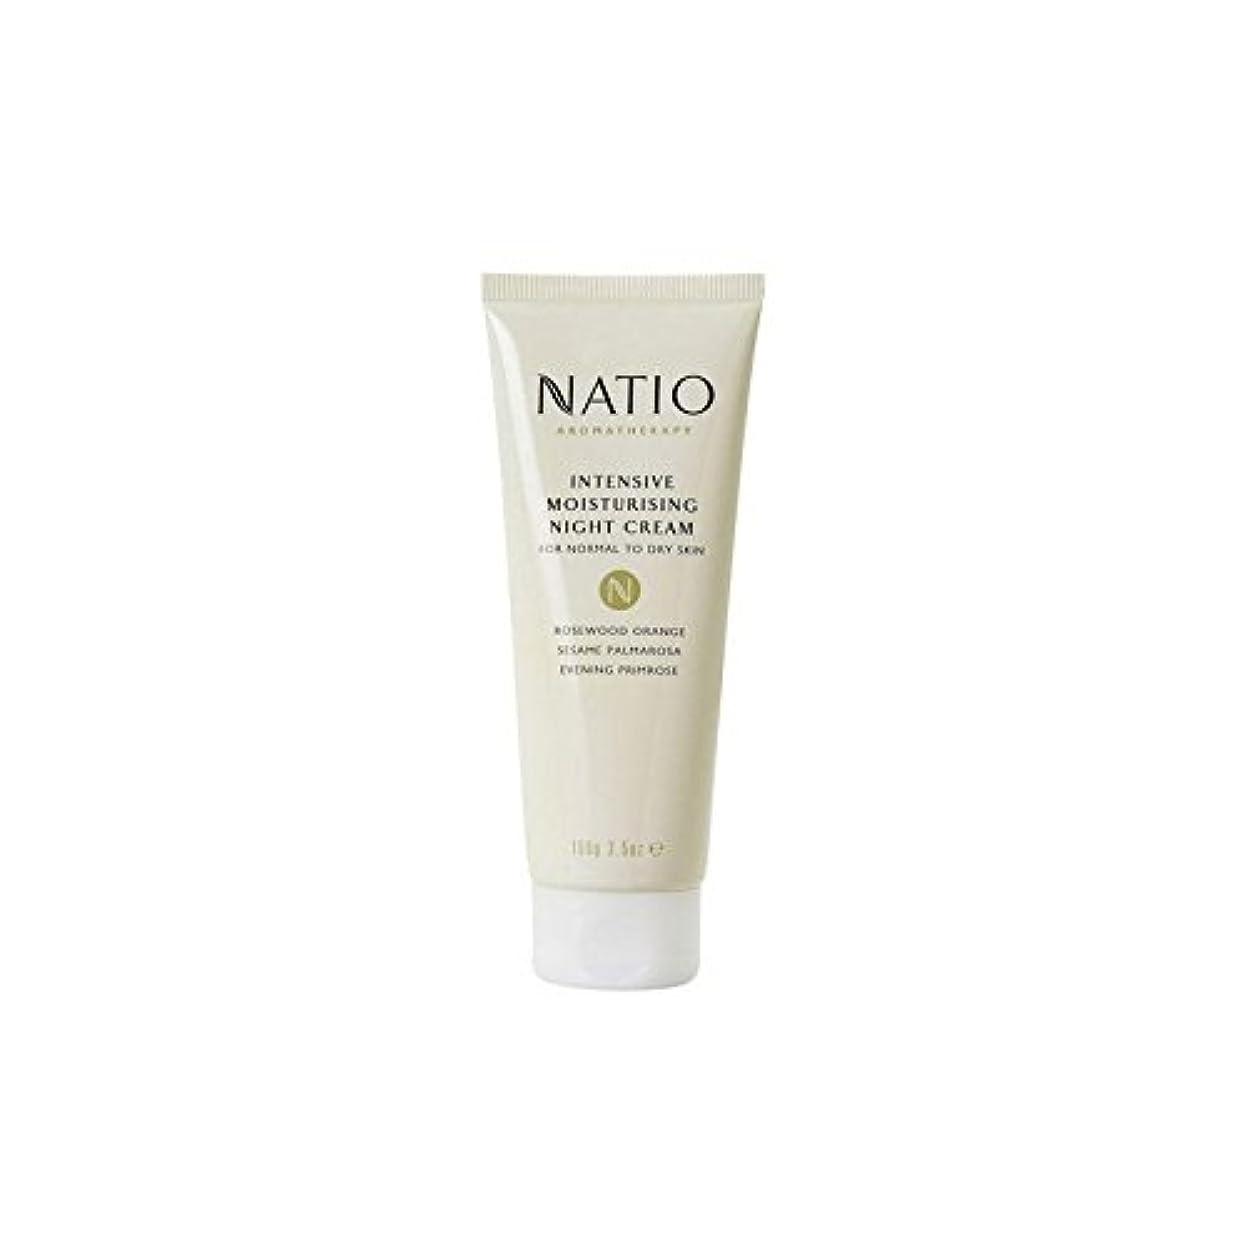 どういたしましてメンタル日記Natio Intensive Moisturising Night Cream (100G) - 集中的な保湿ナイトクリーム(100グラム) [並行輸入品]